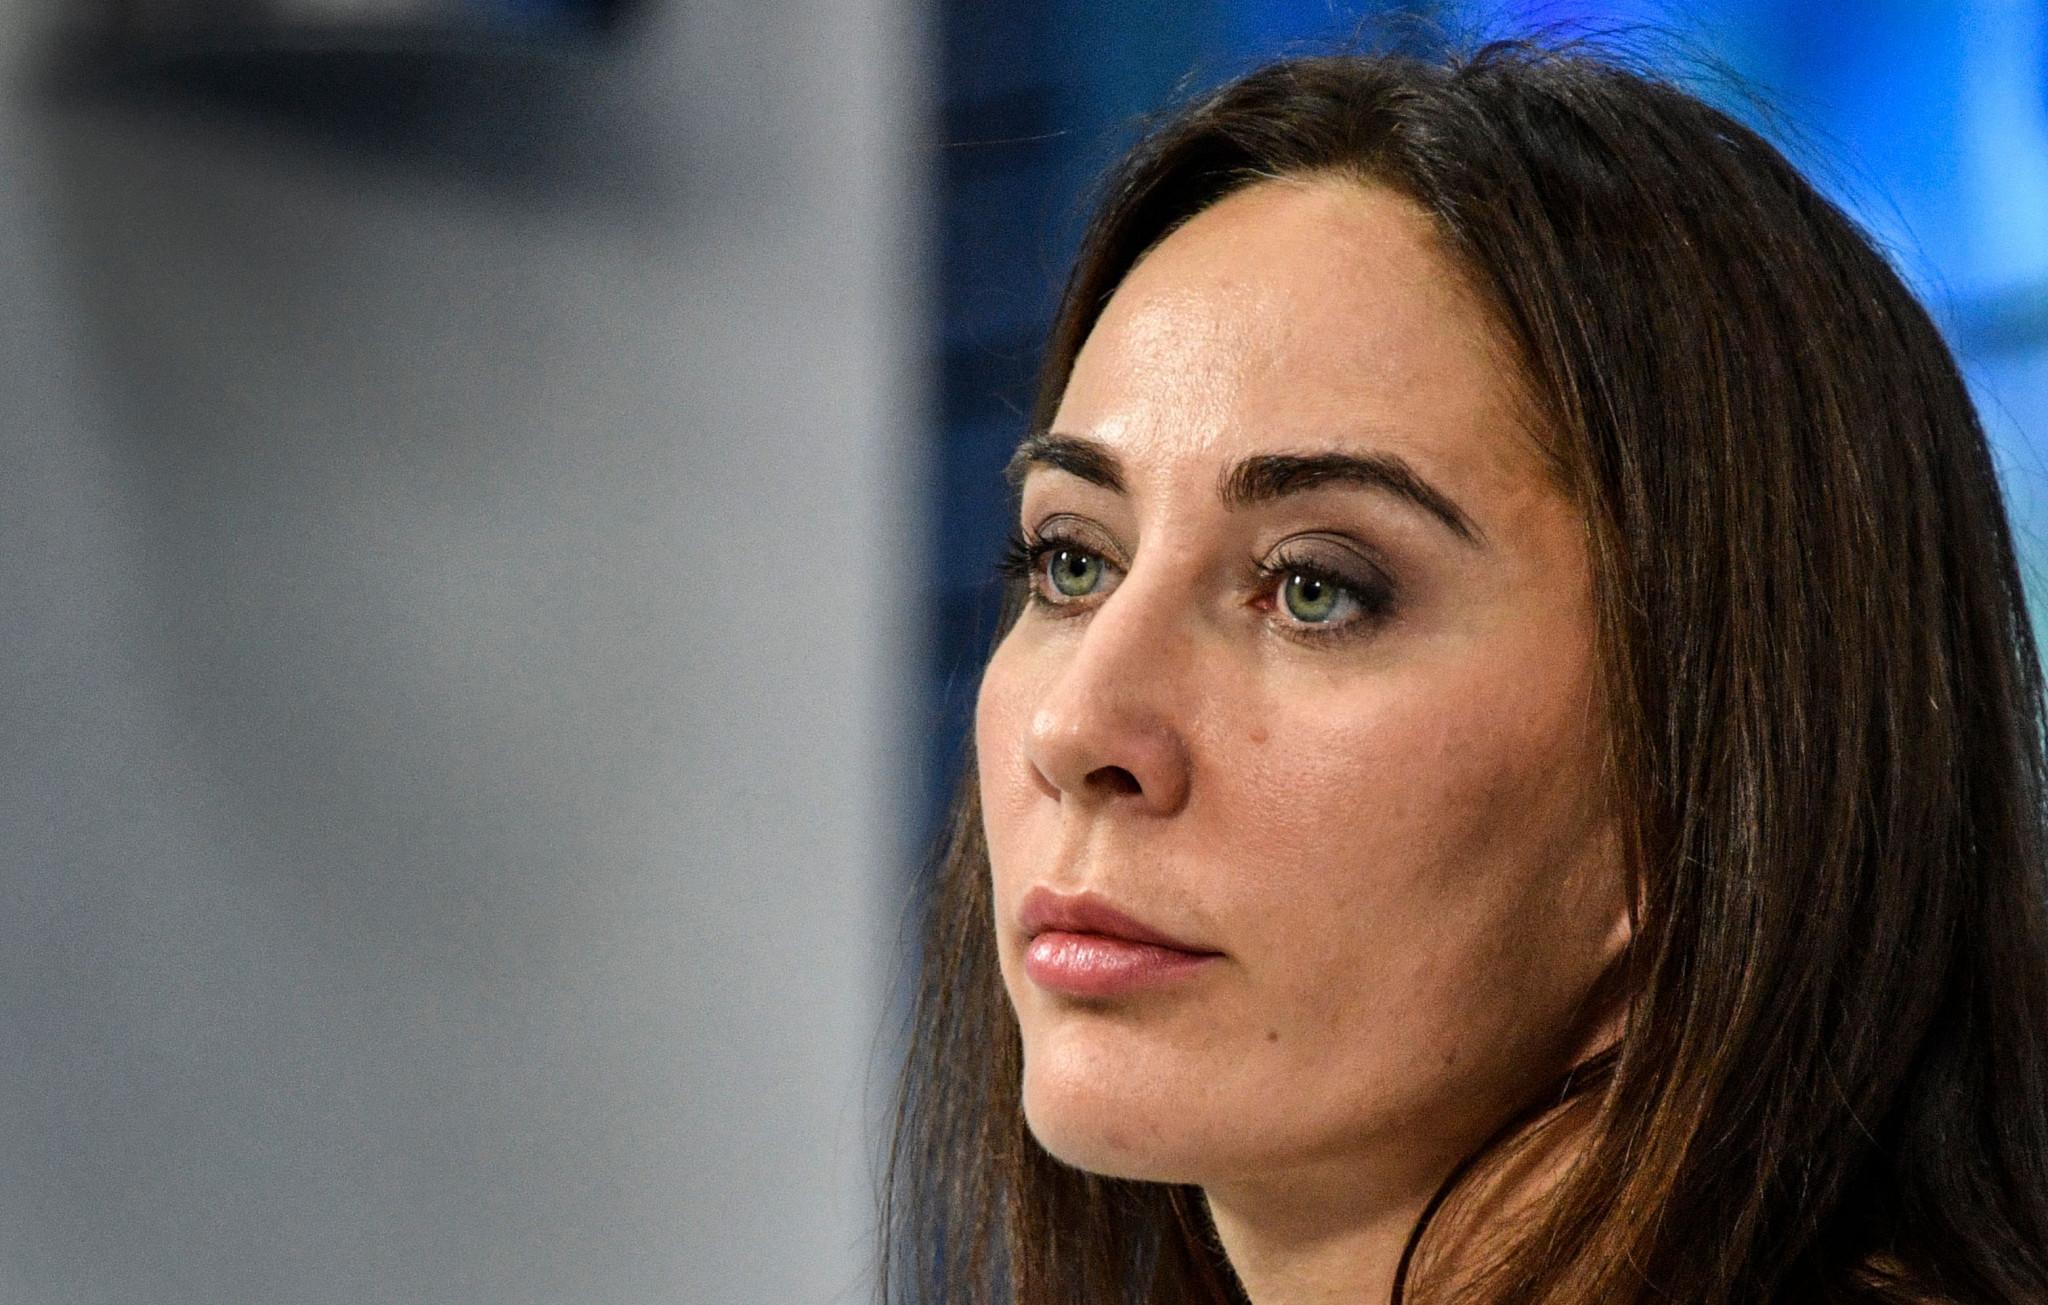 Margarita Pakhnotskaya has said testing will resume in May ©Getty Images